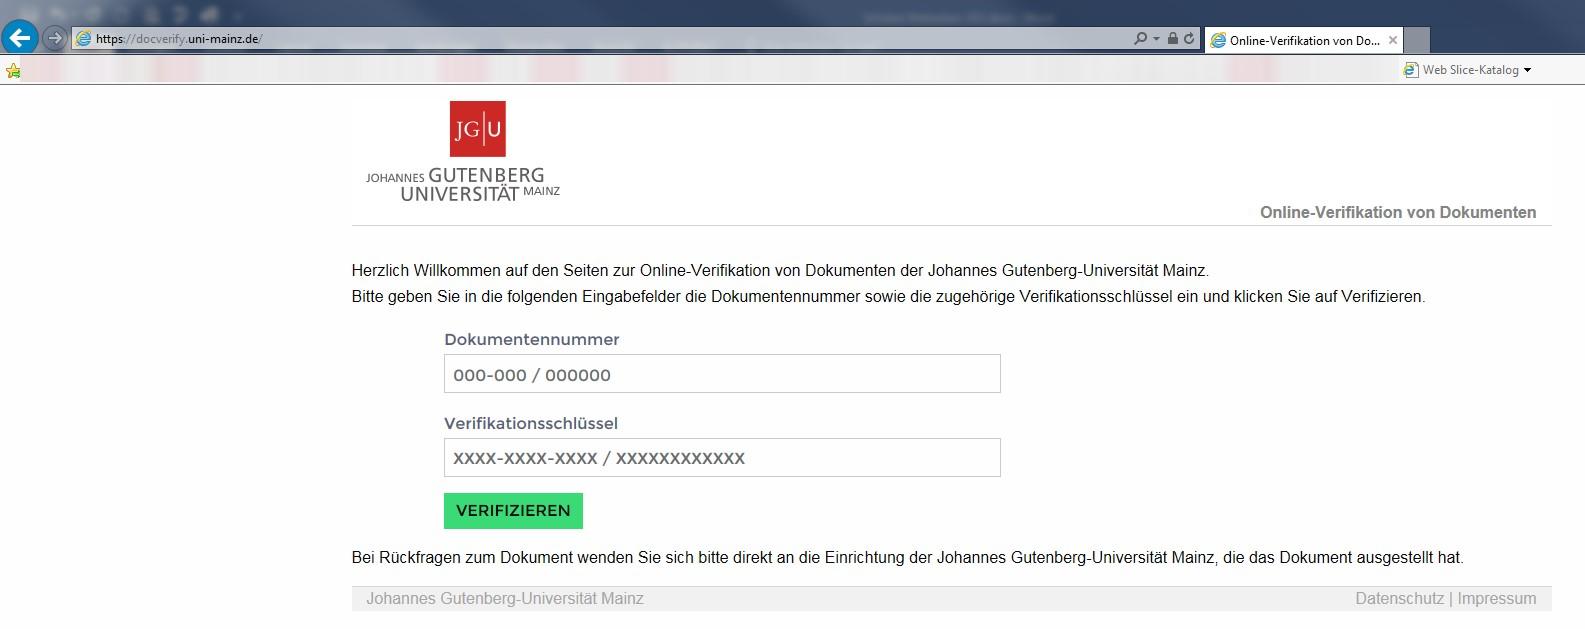 ... docverify.uni-mainz.de und geben Sie dort die auf dem vorliegenden  Dokument aufgedruckte Dokumentennummer sowie den zugehörigen  Verifikationsschlüssel ...